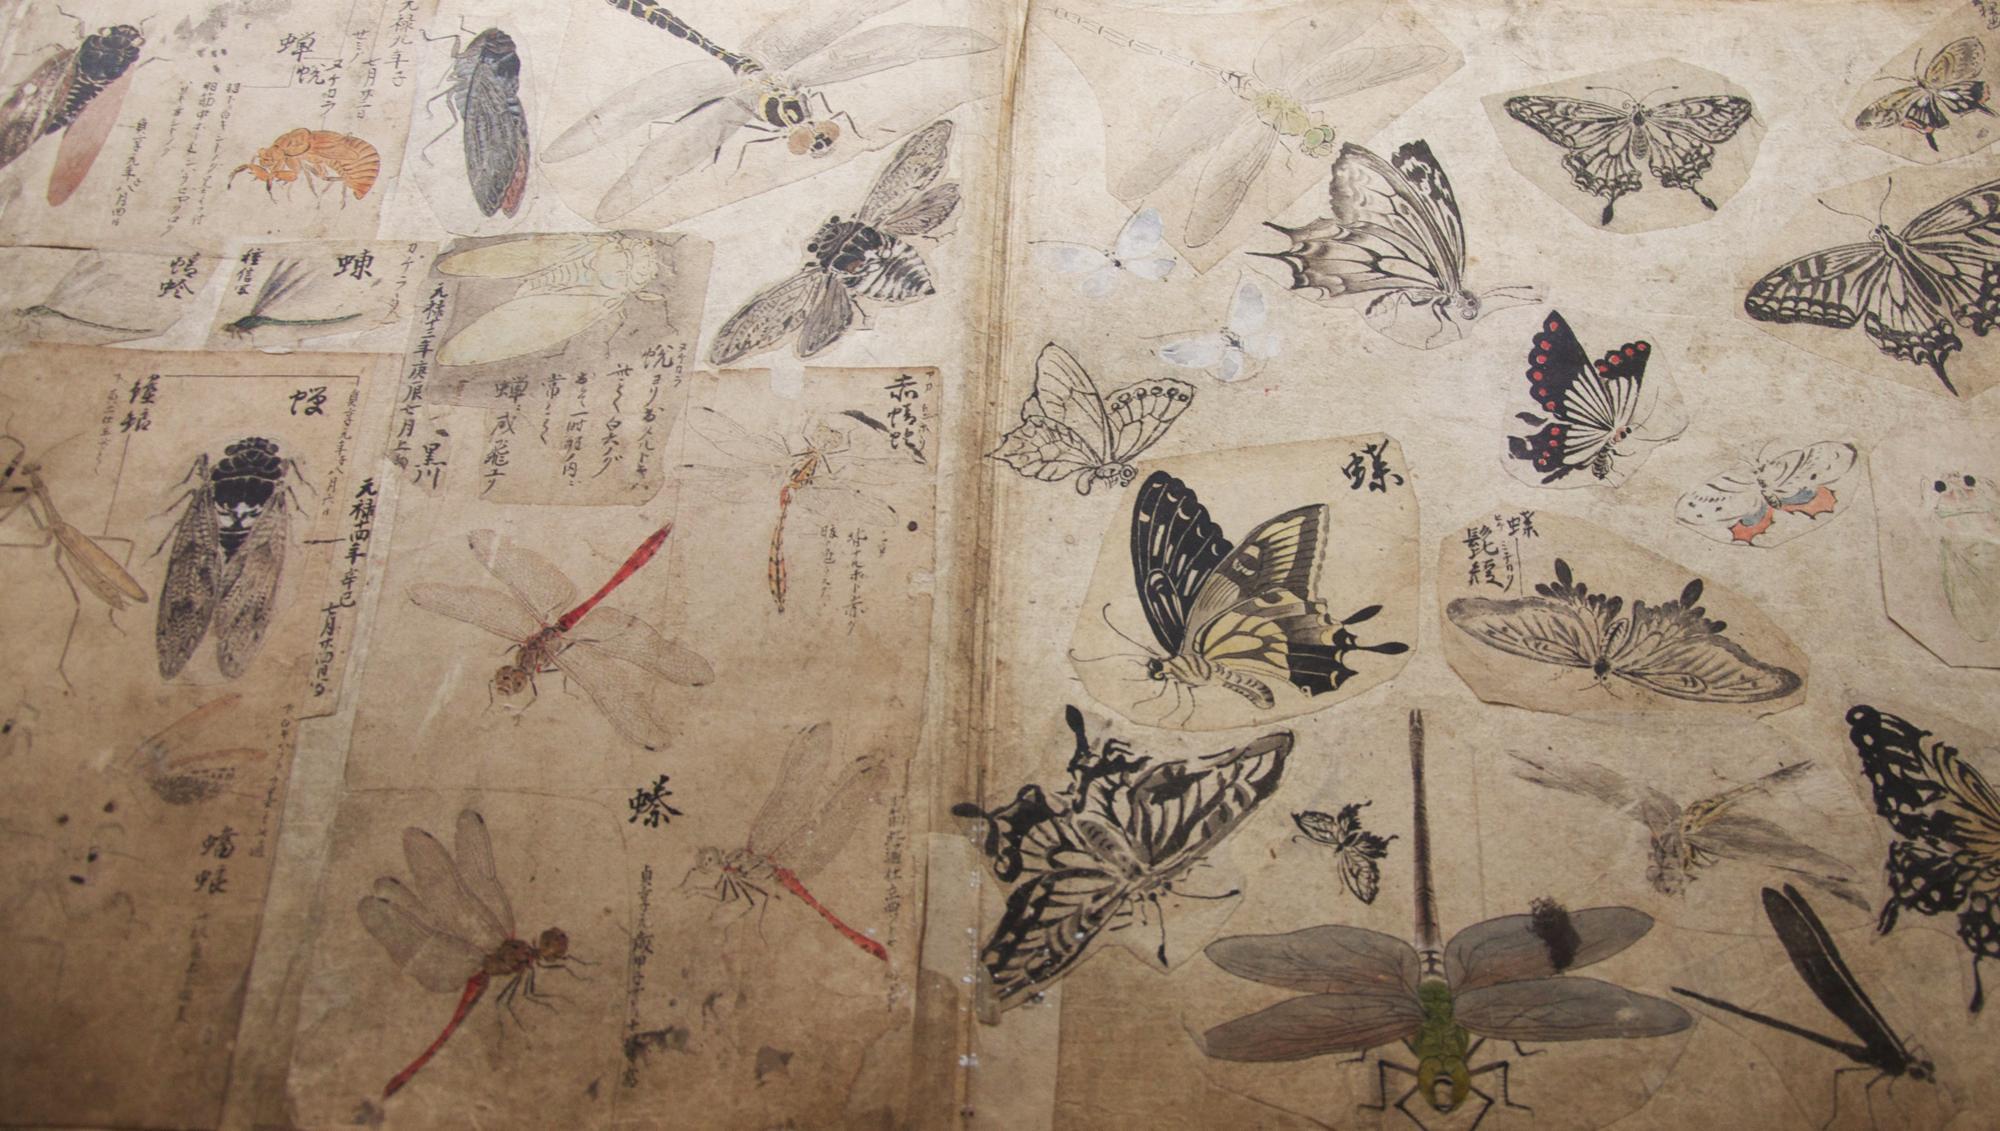 トークイベント「断片の星図 ー スクラップ・ブックへの航路」(2013年9月14日 19:00〜)